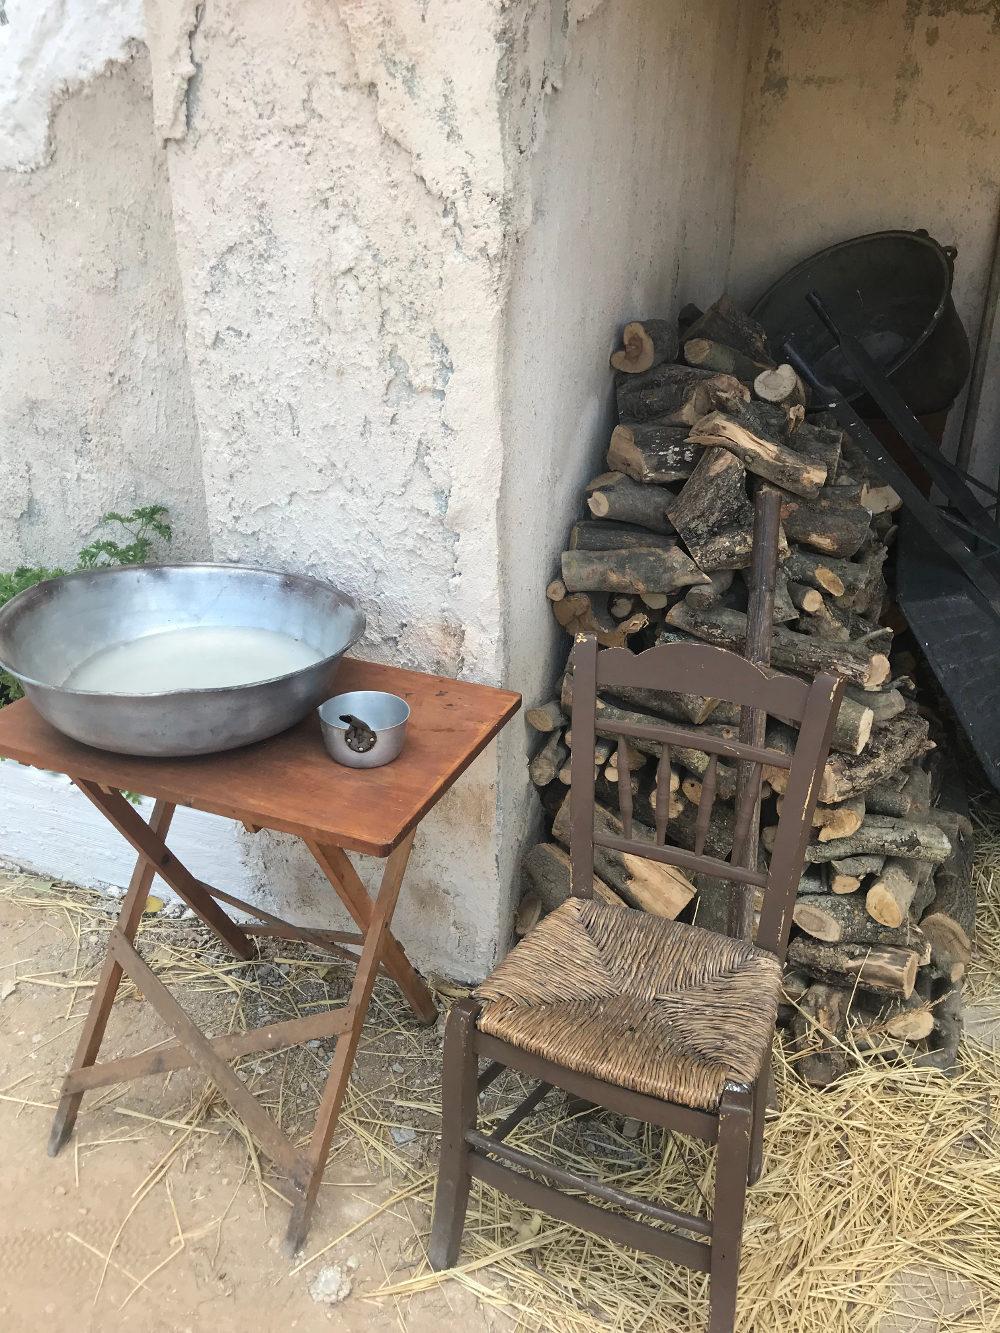 Μια παλιά καρέκλα με ψάθινη θέση και γαλβανισμένα σκεύη στο σκηνικό της σειράς «Άγριες Μέλισσες»